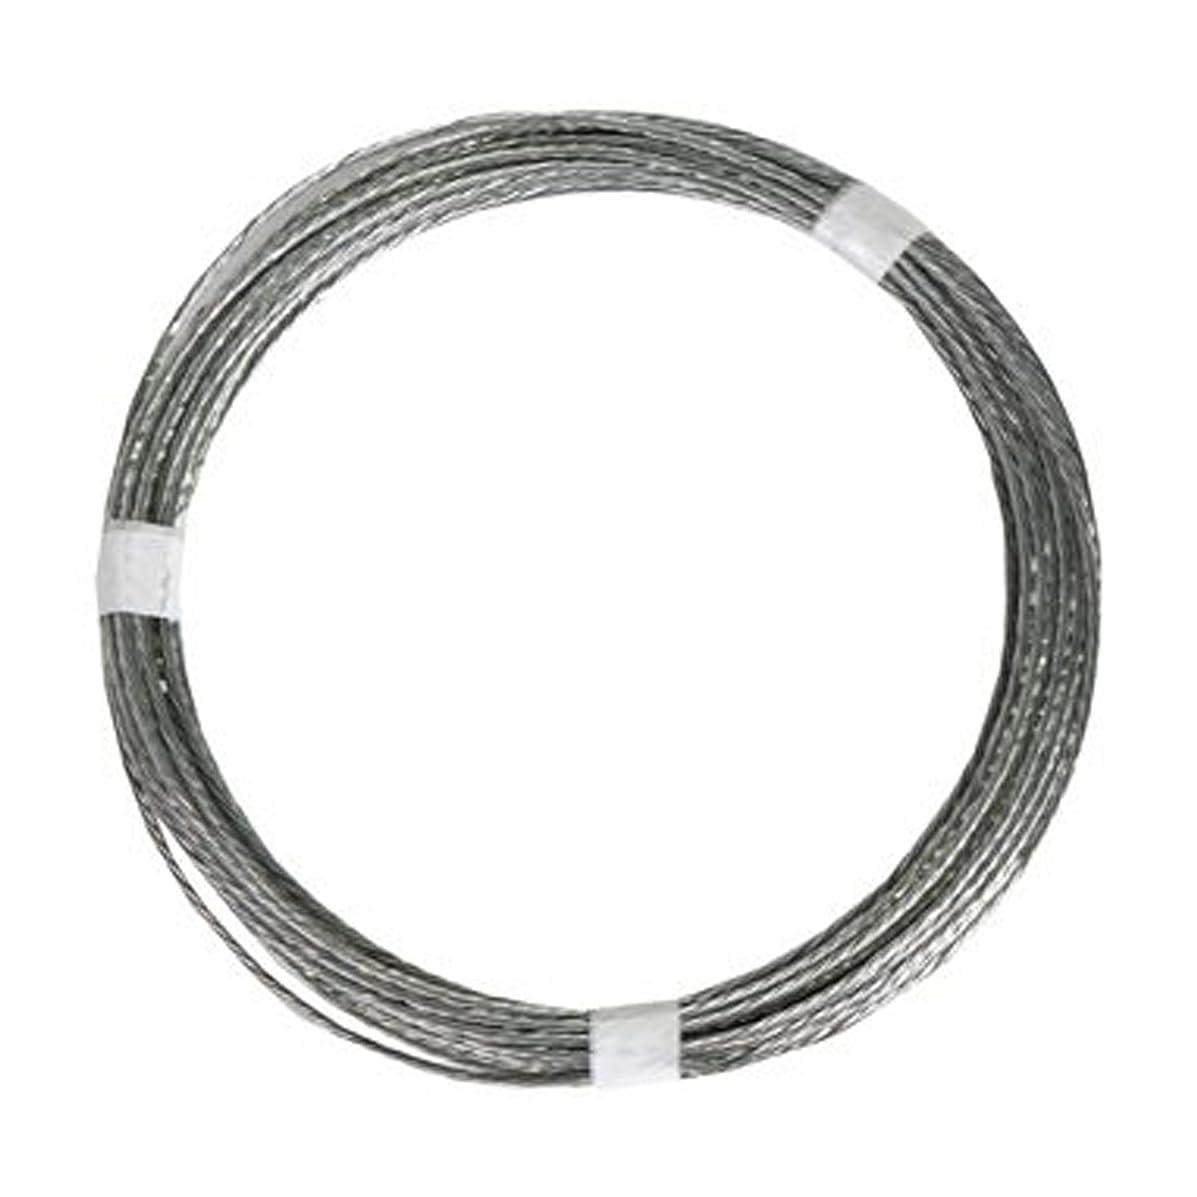 Koch A41165 16-Gauge by 100-Feet Steel Wire, Galvanized